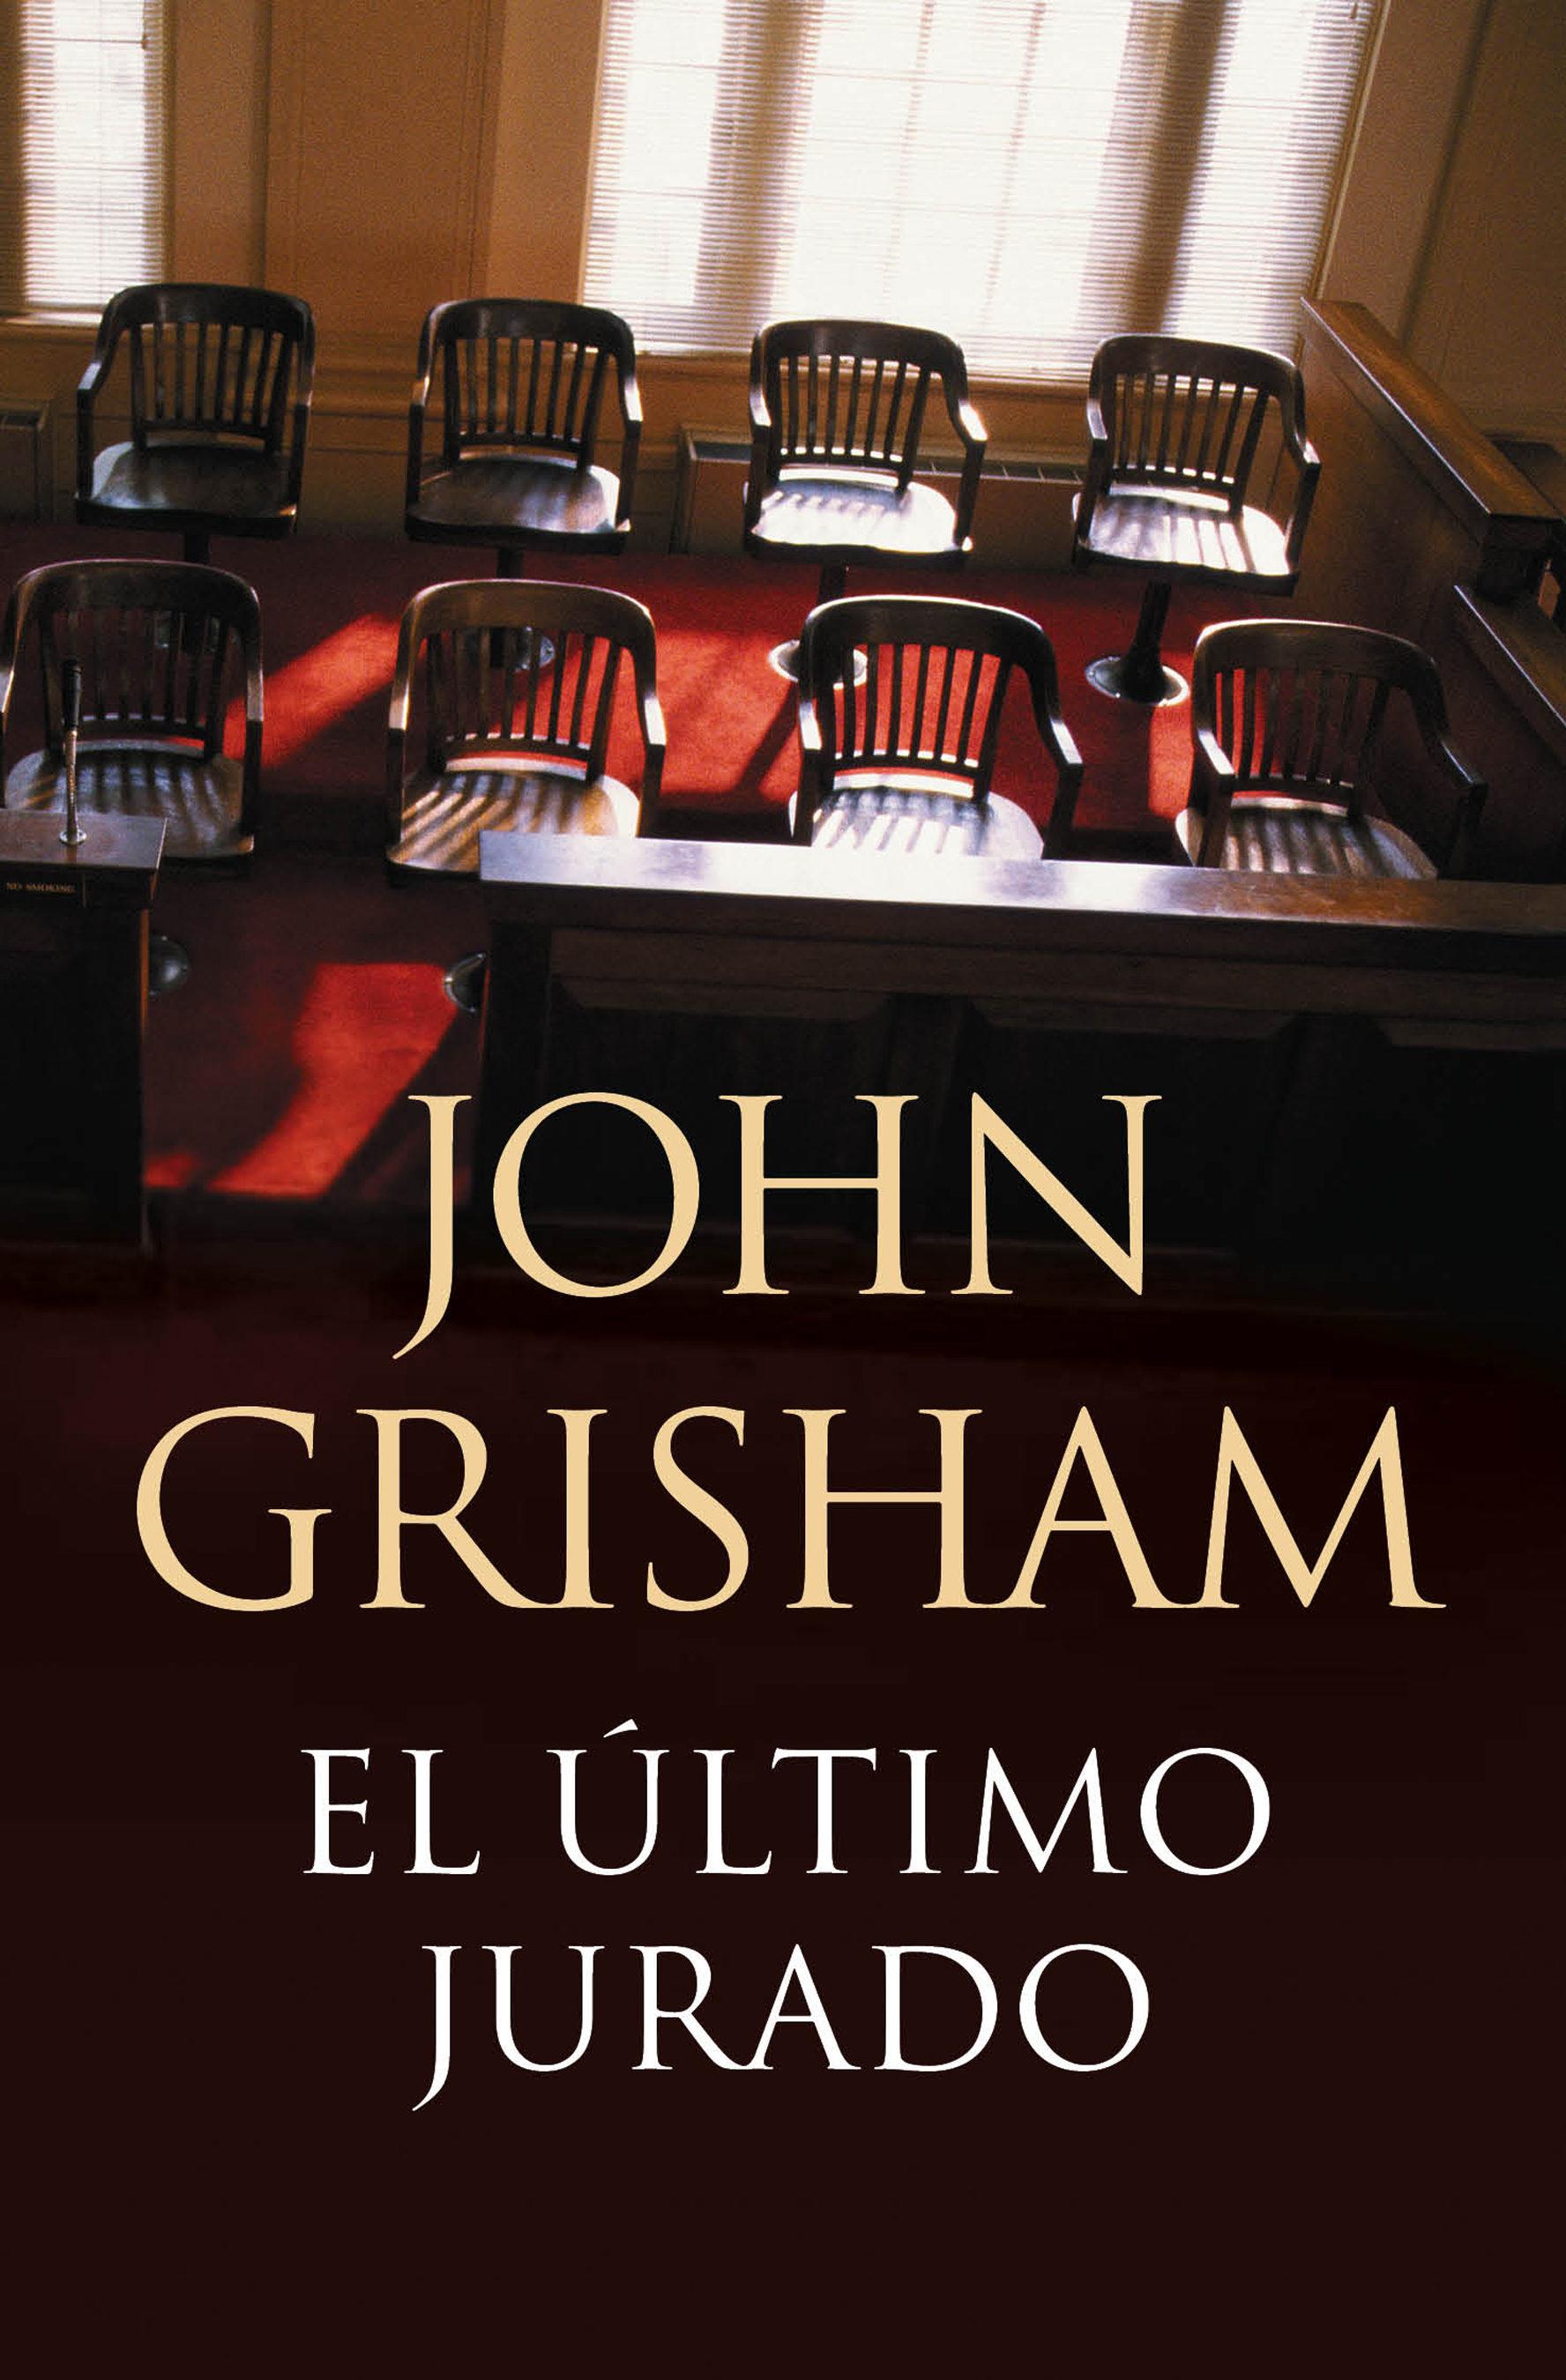 El ltimo jurado ebook john grisham 9788490624357